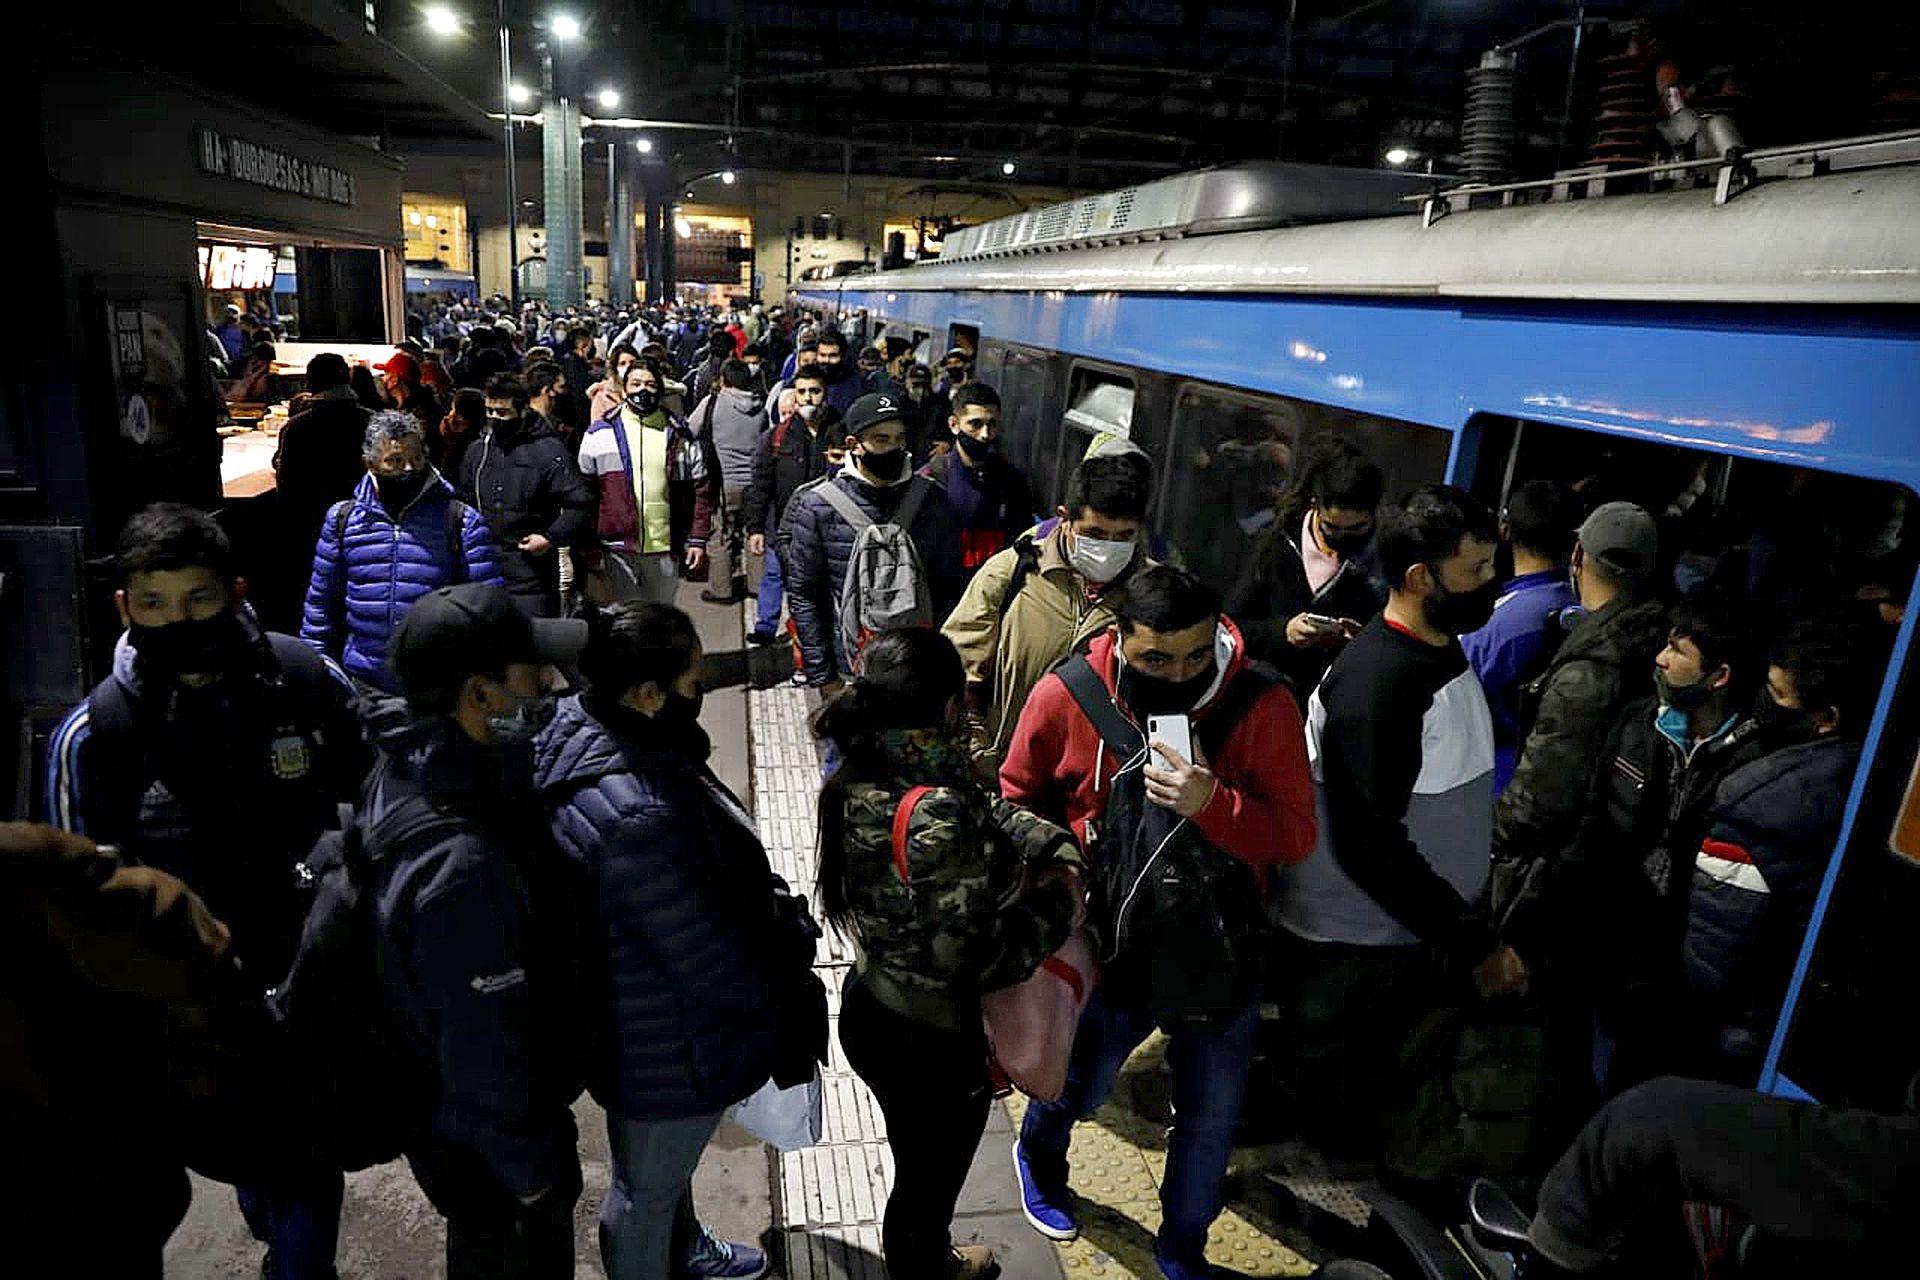 Trenes atestados en Constitución luego de un corte en las vías que duró siete horas